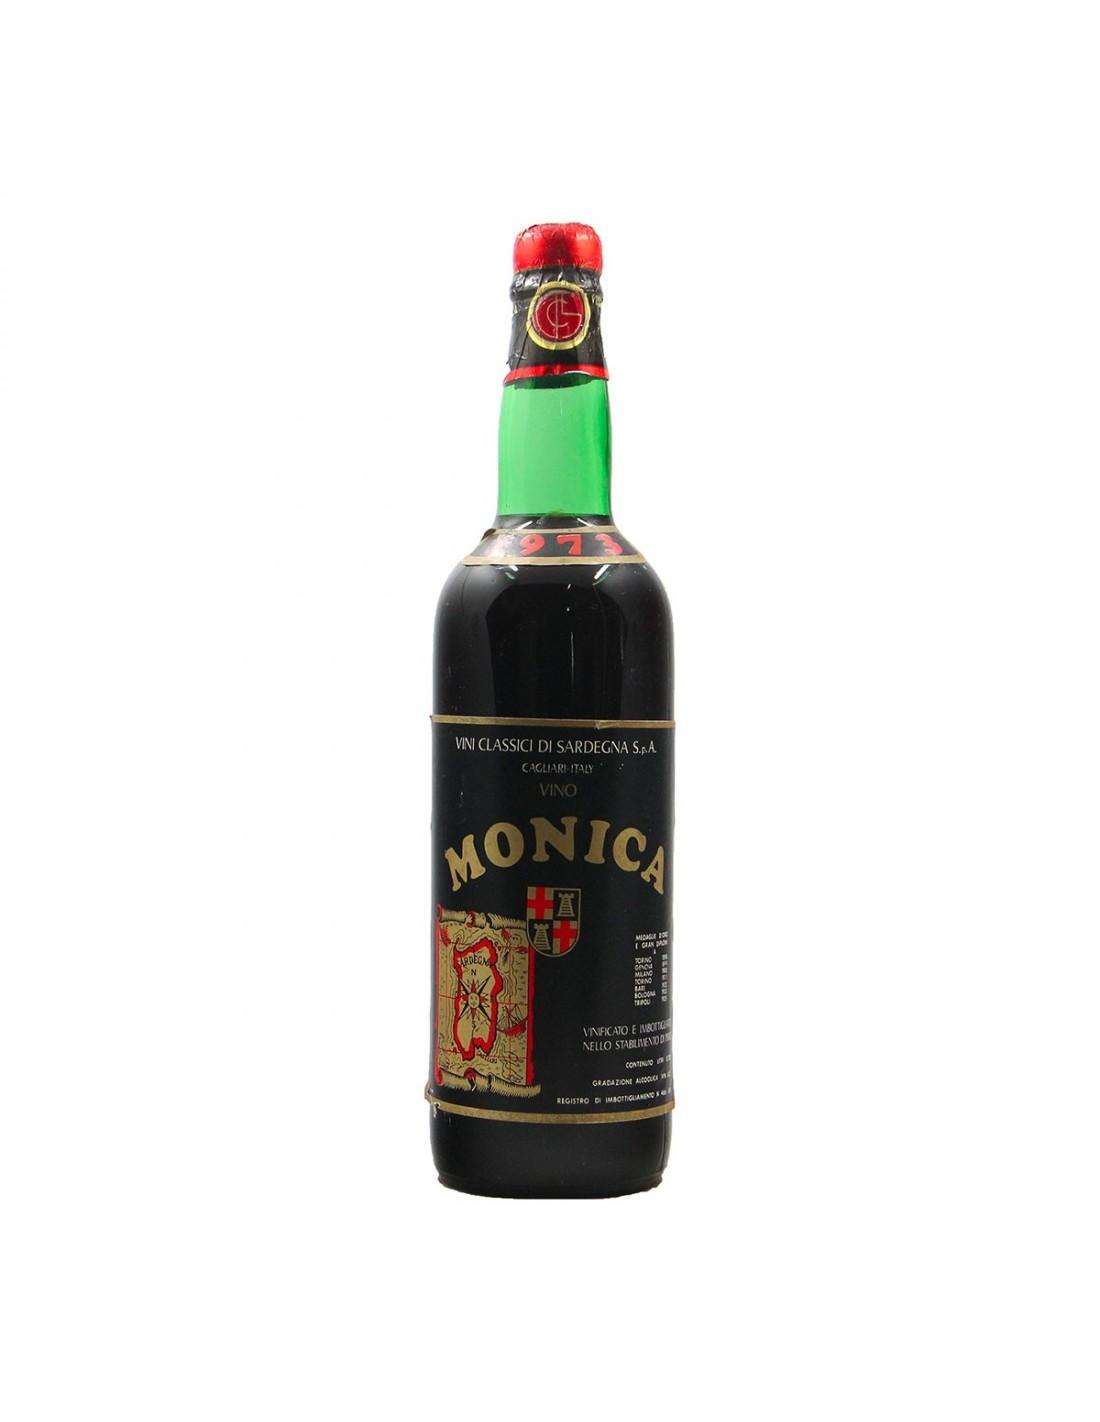 Monica 1973 VINI CLASSICI DI SARDEGNA GRANDI BOTTIGLIE